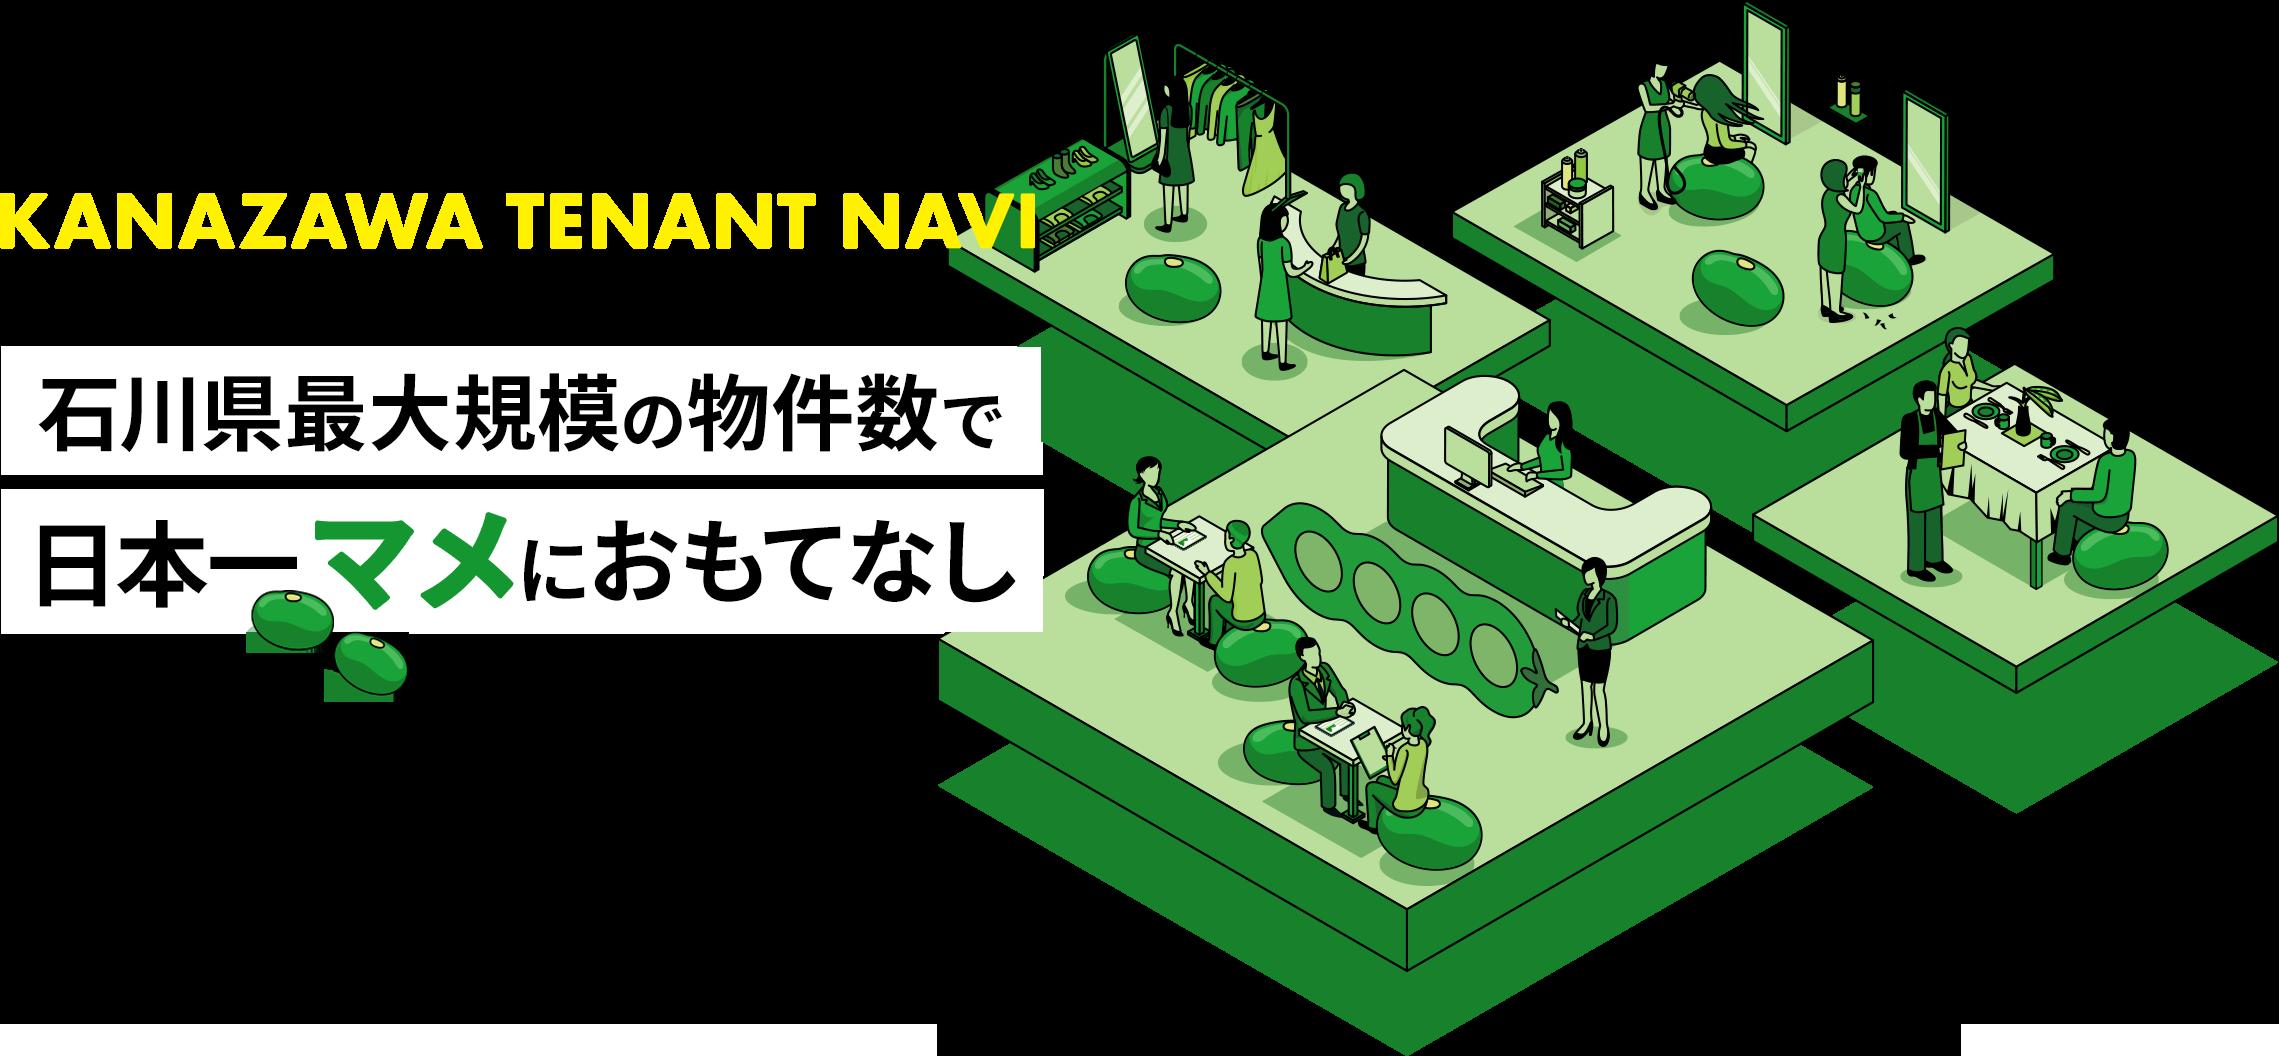 石川県最大規模の物件数で日本一マメにおもてなし